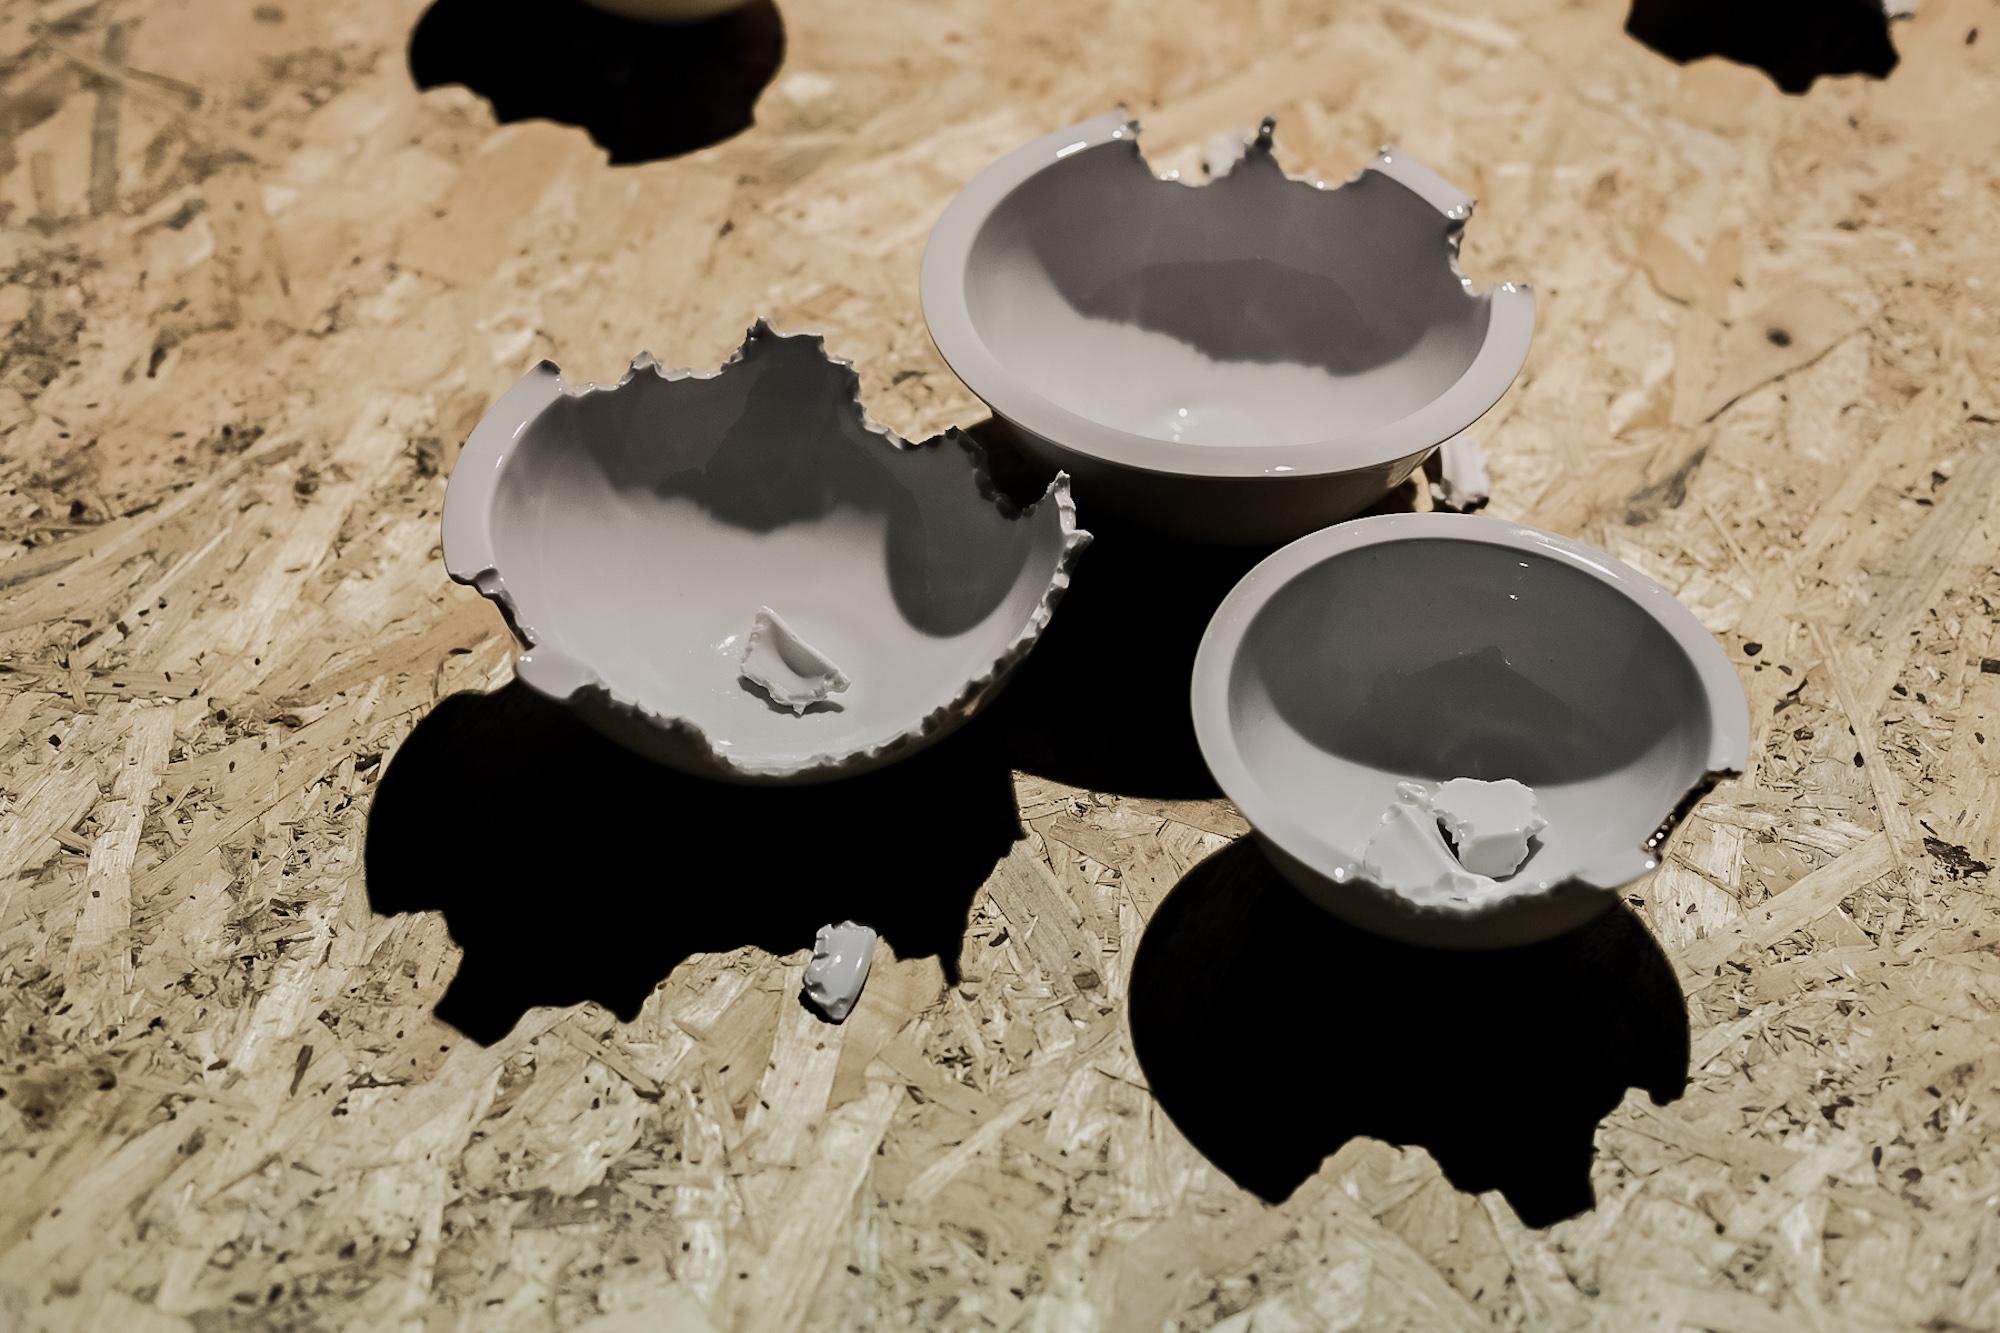 Karina Marusińska, Ogryzki, obiekty, porcelana, złoto, 2008